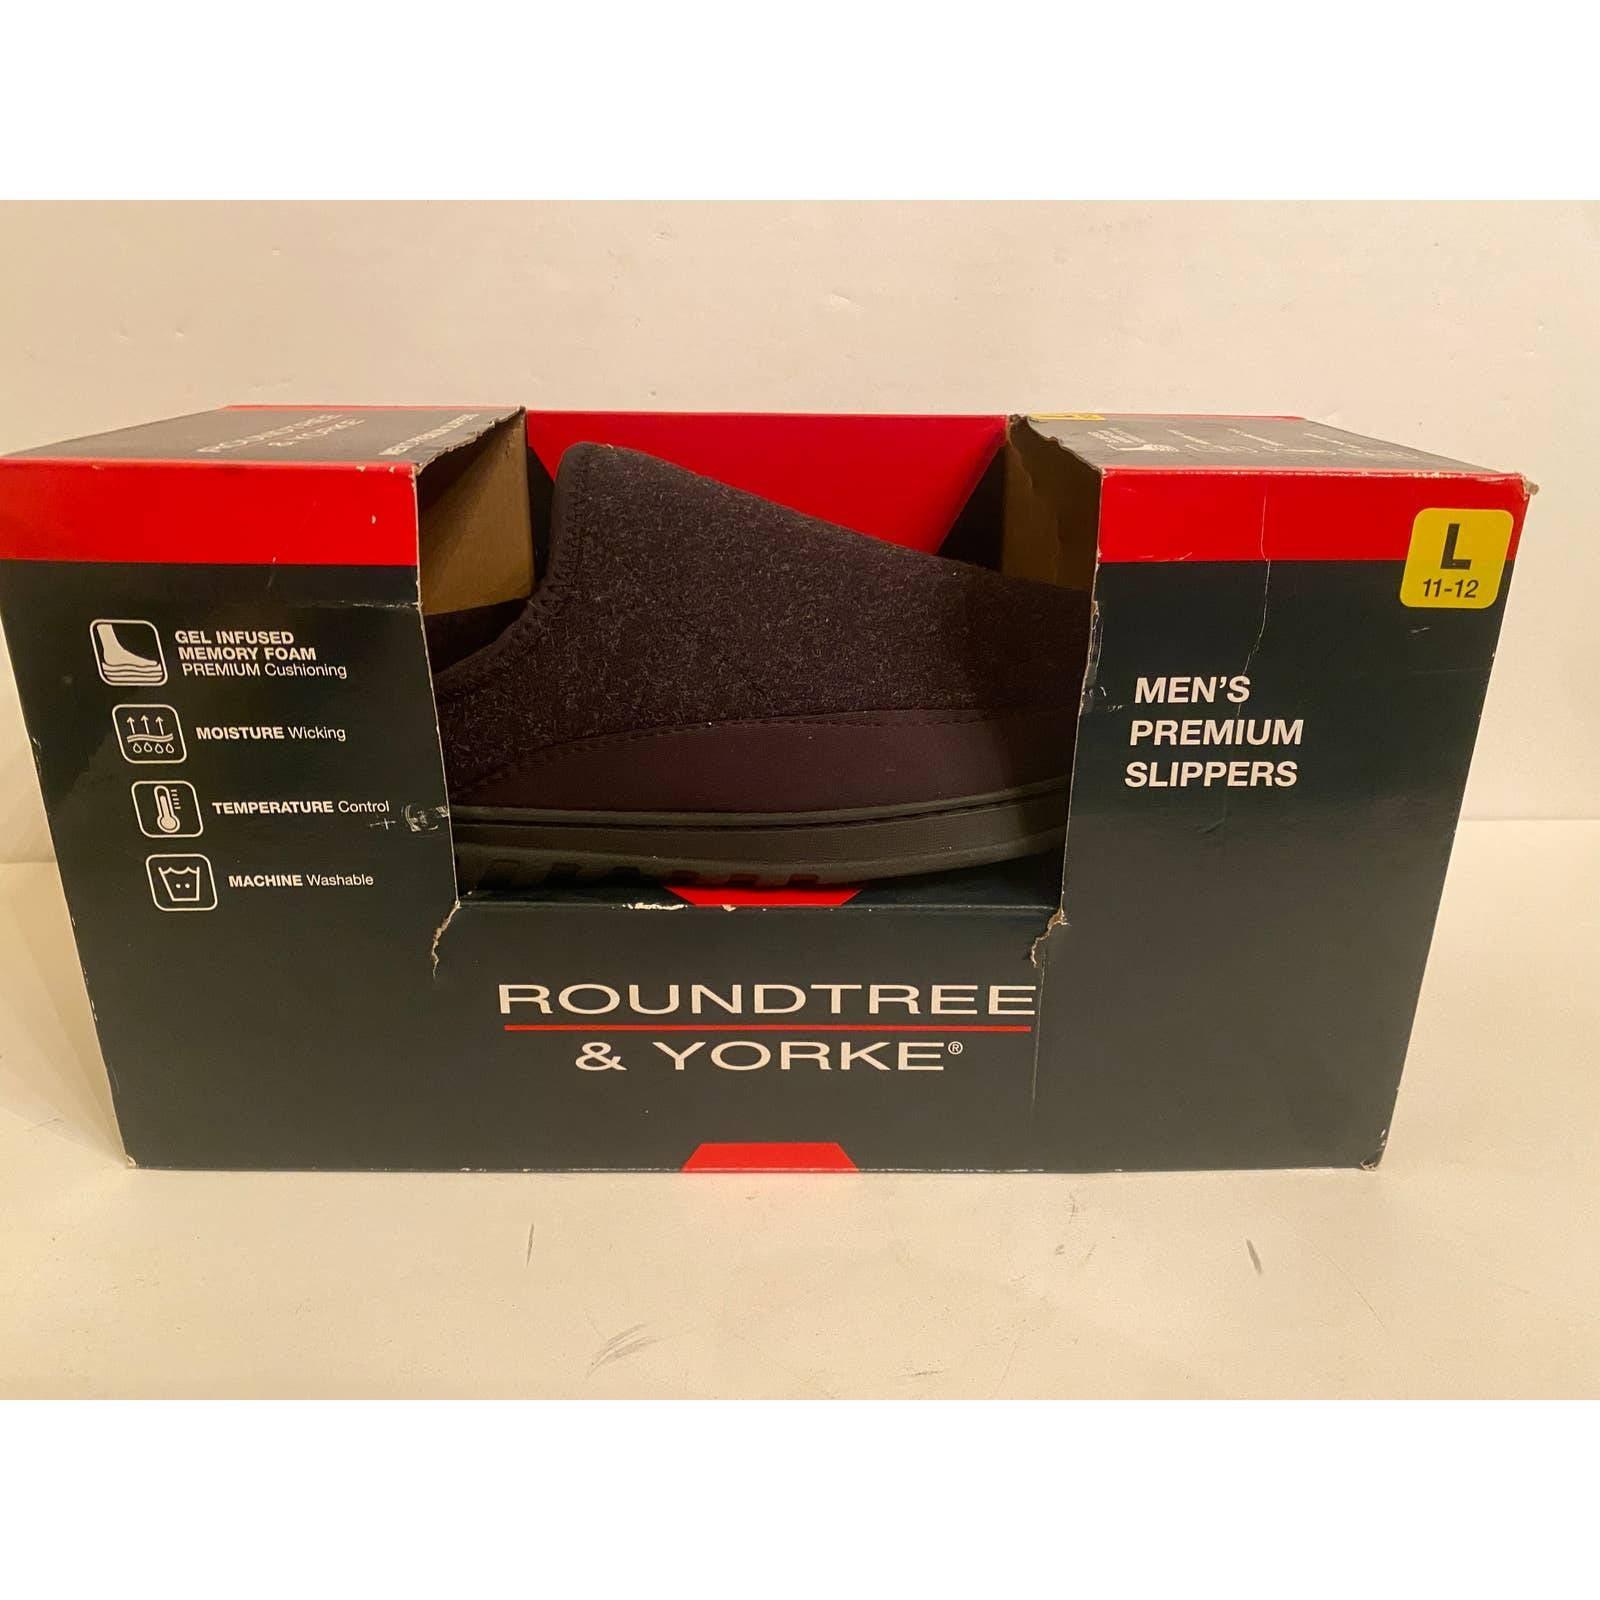 RoundTree & yorke Mens Premium Slippers